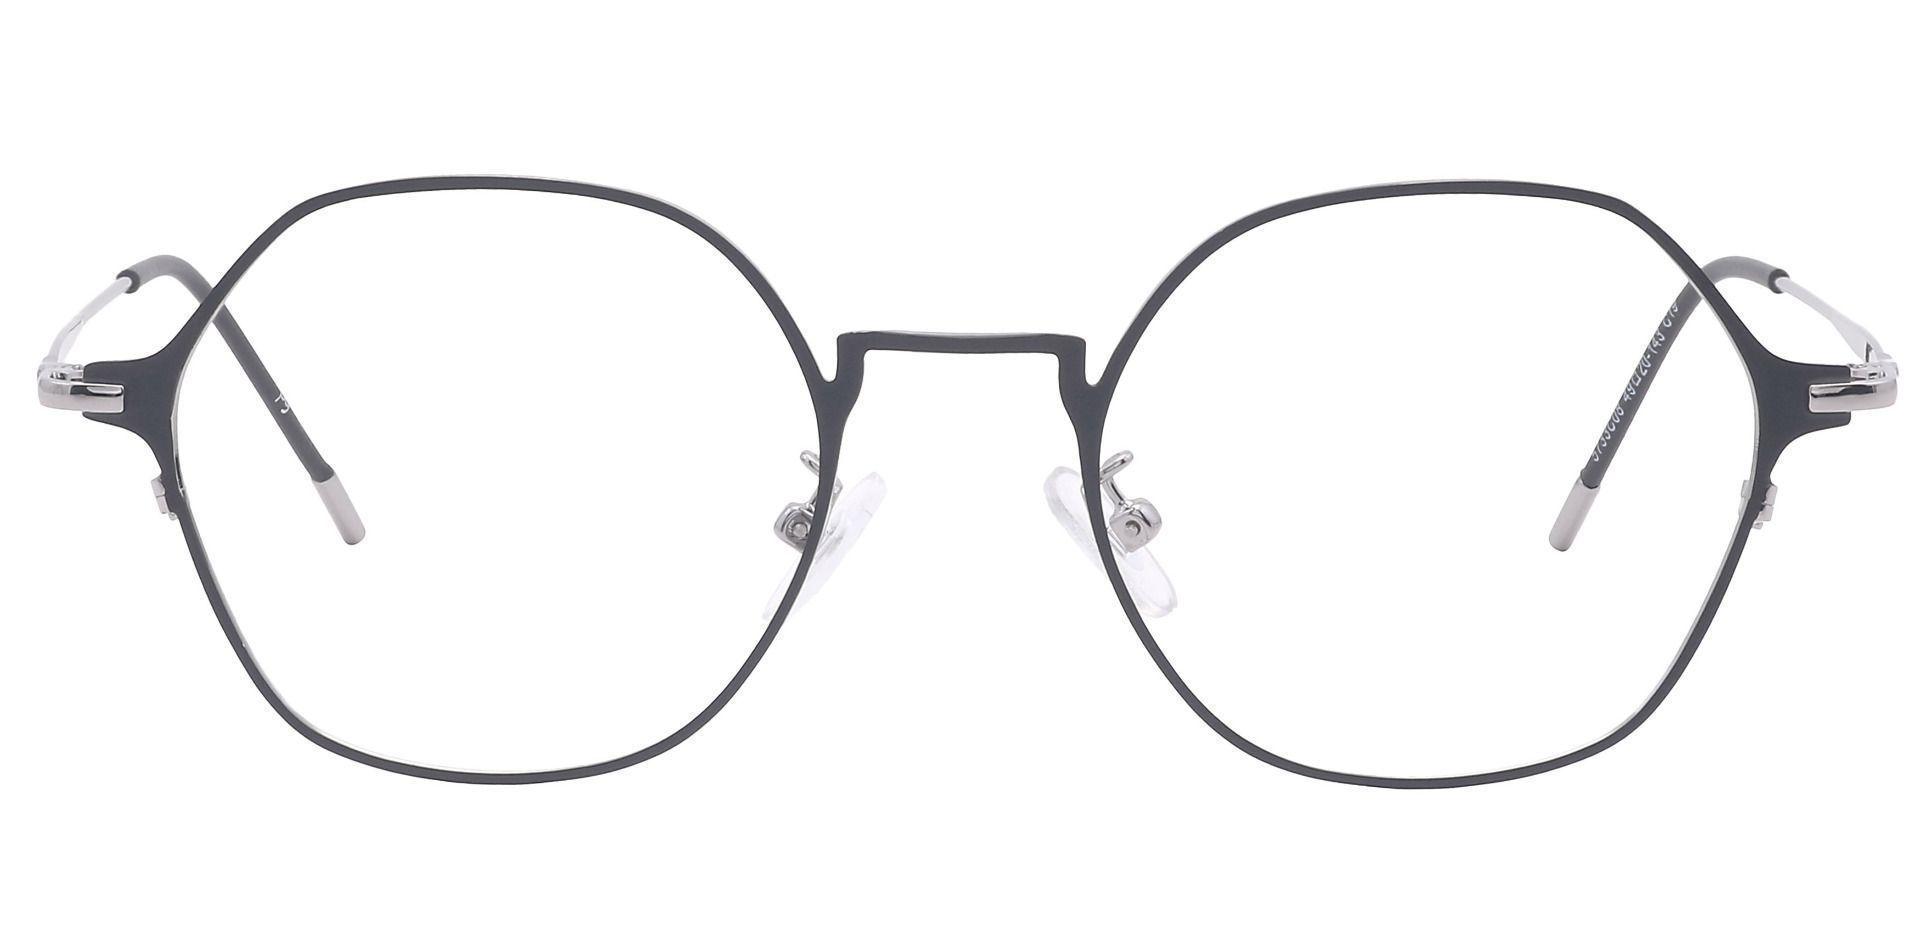 Nola Oval Progressive Glasses - Clear